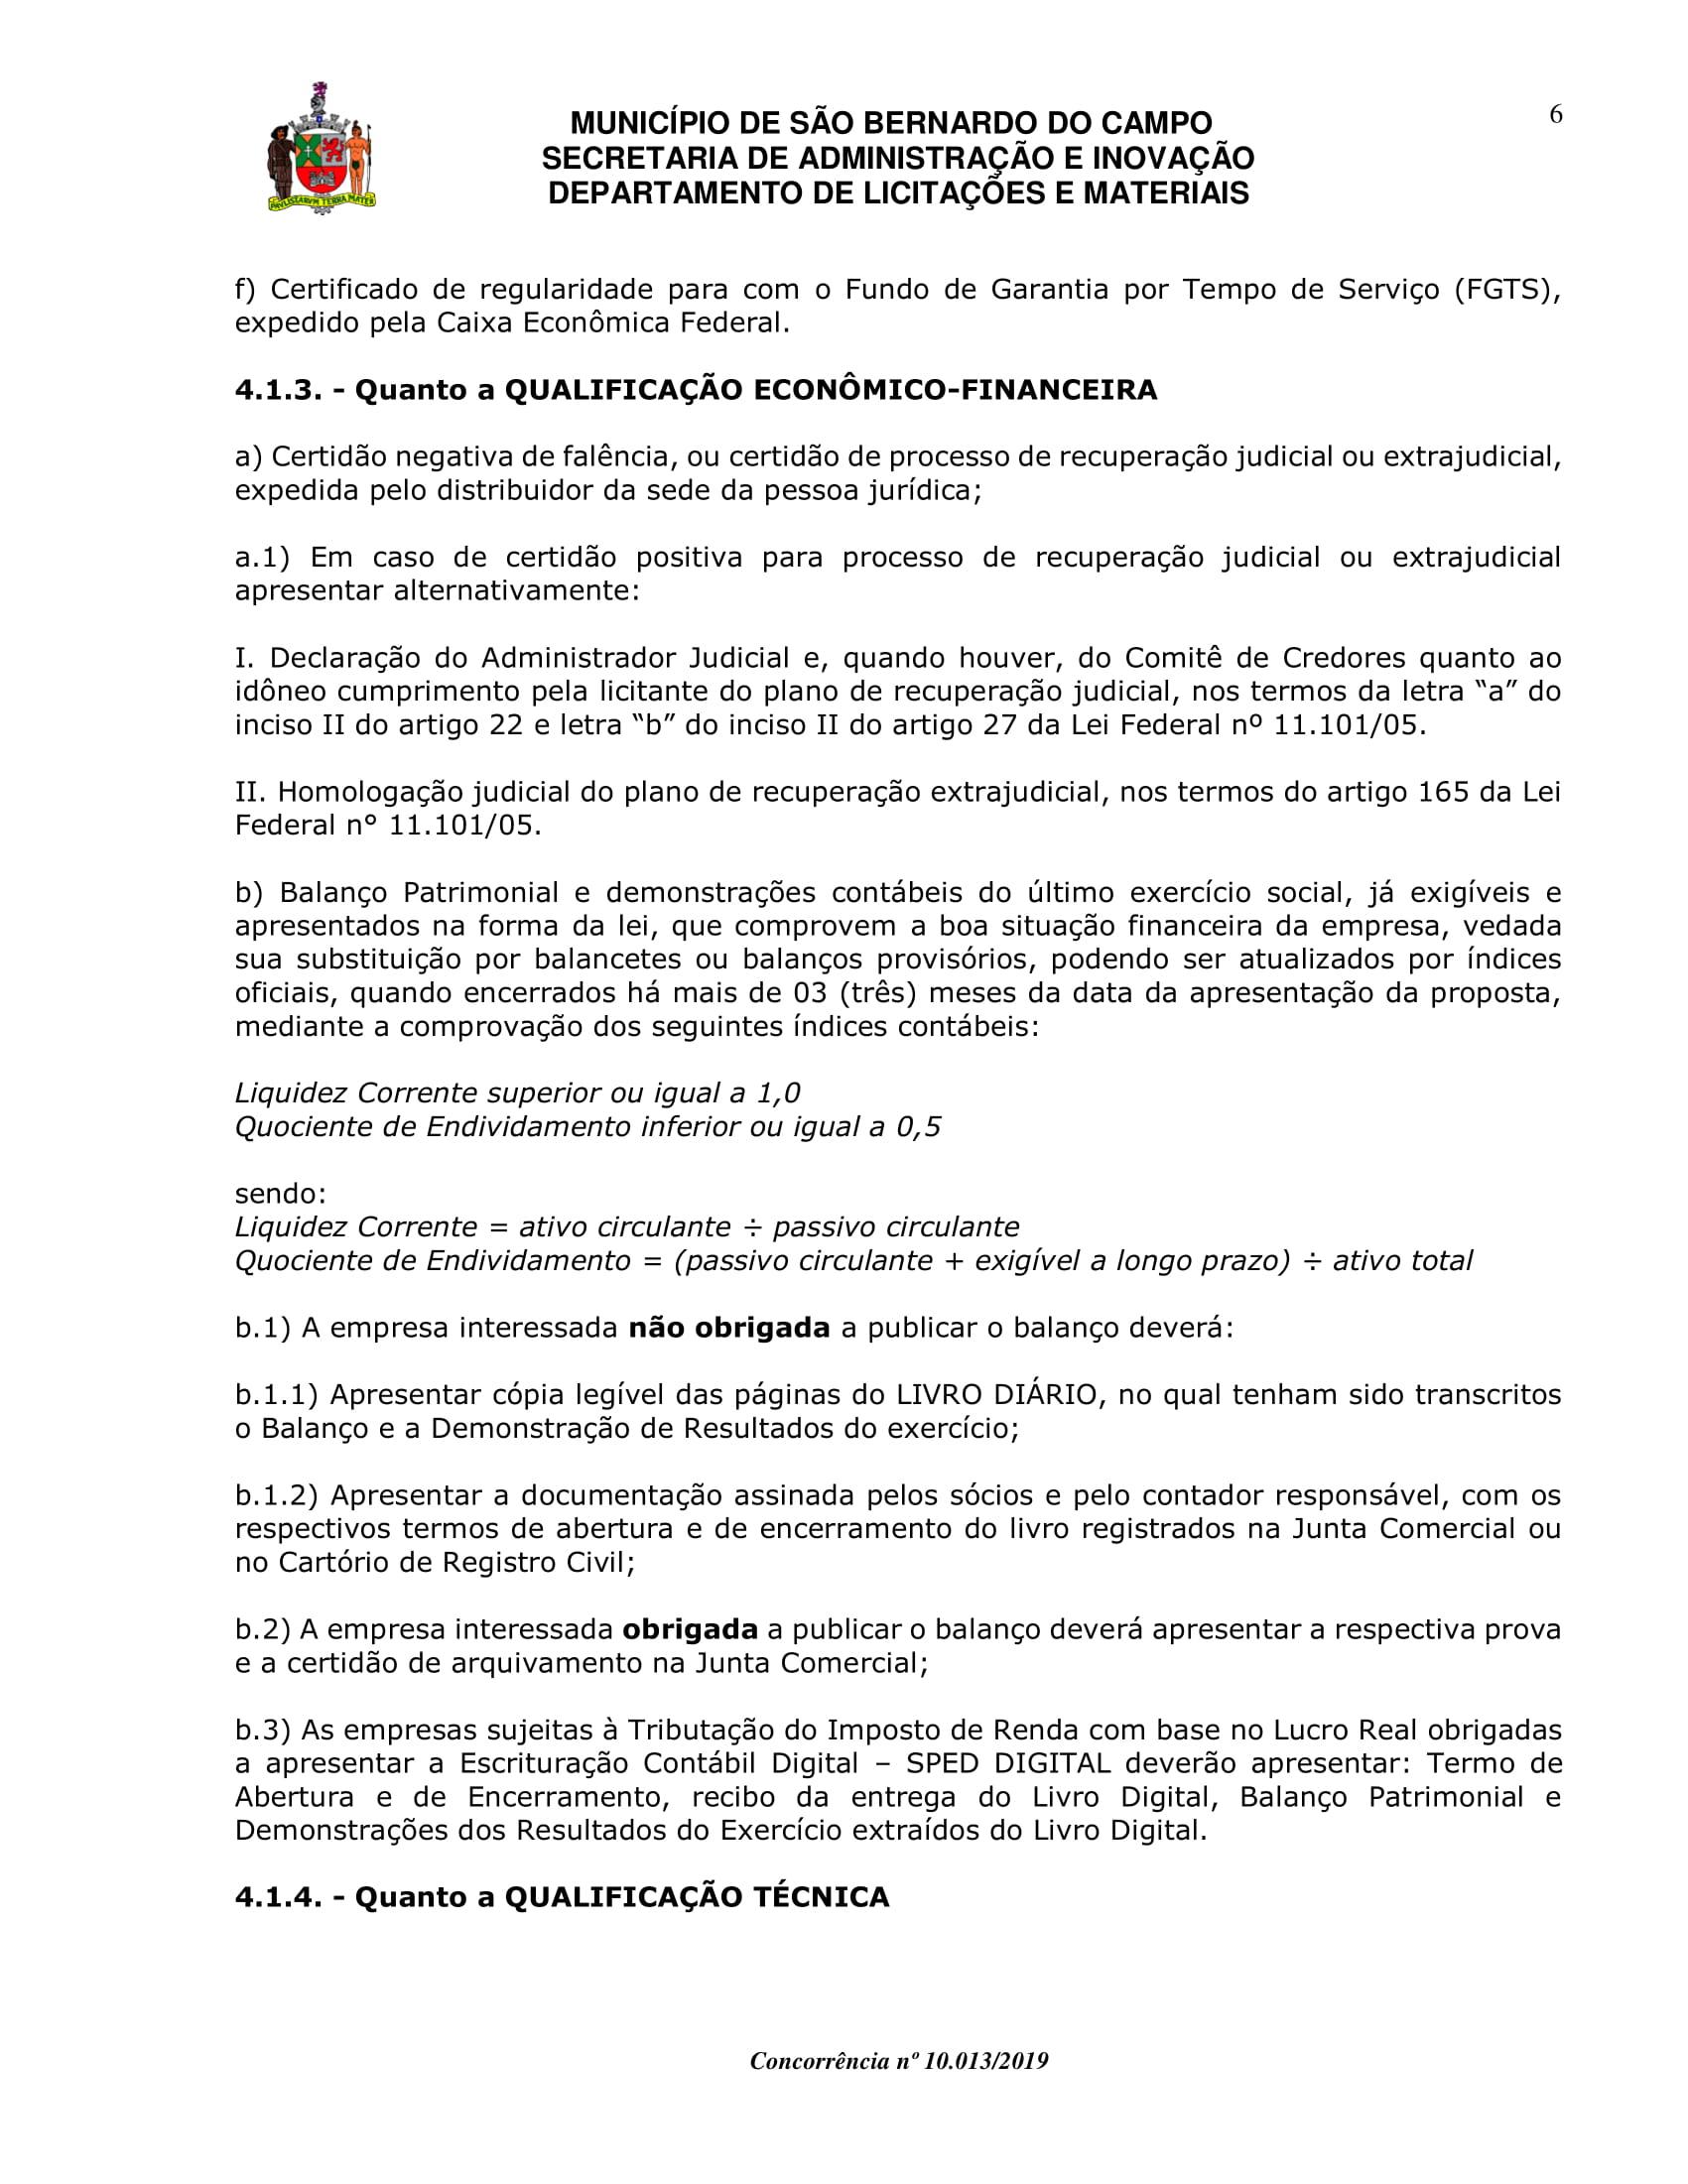 CP.10.013-19 edital-06